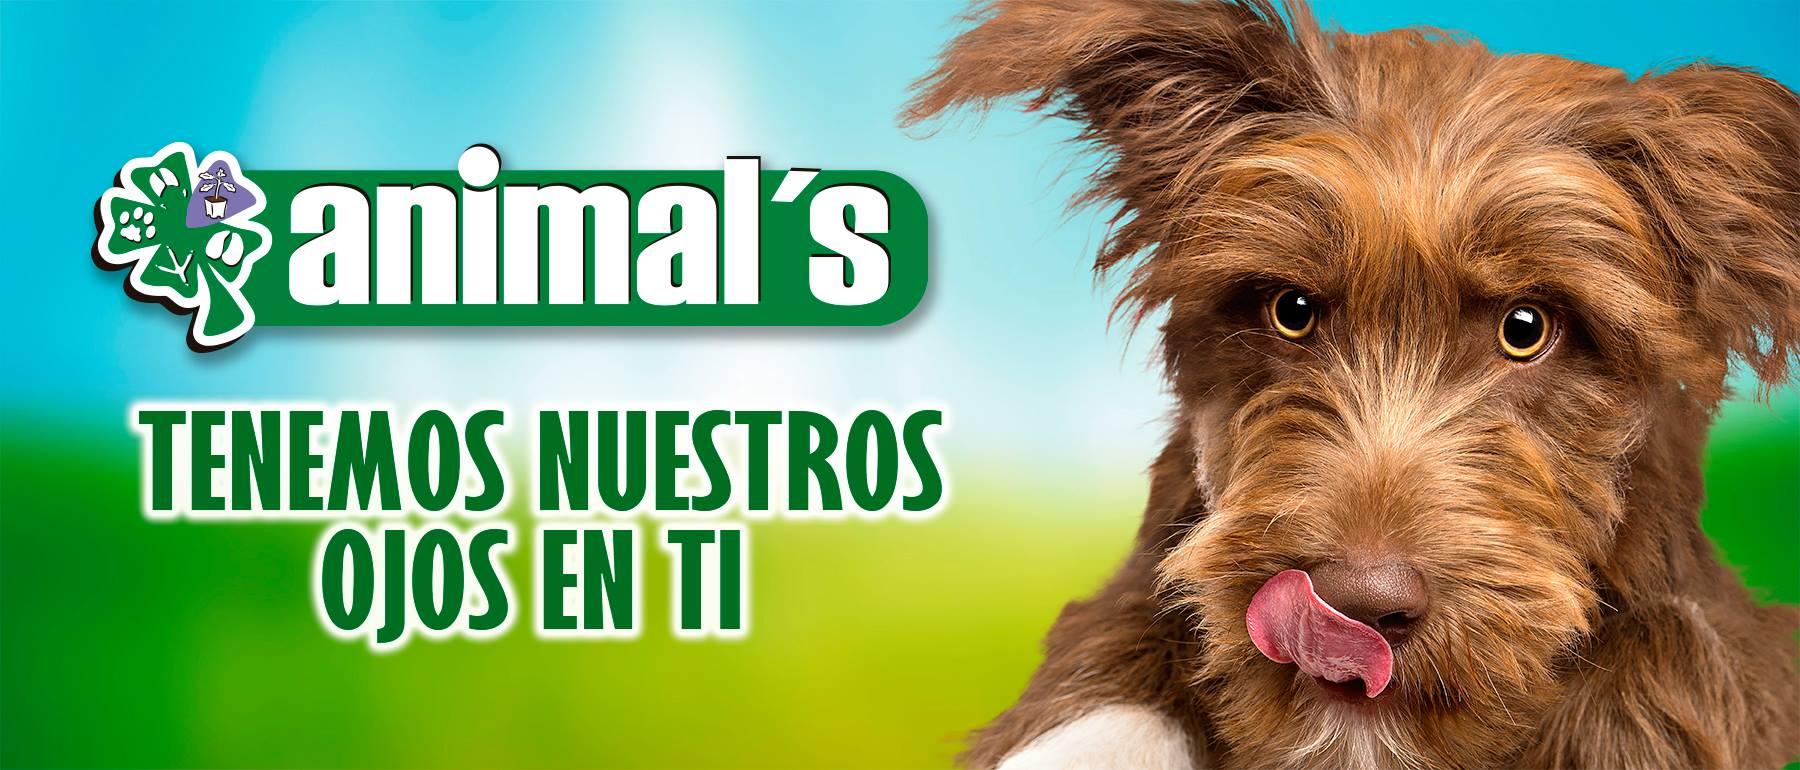 veterinaria y petshop en petlist.co